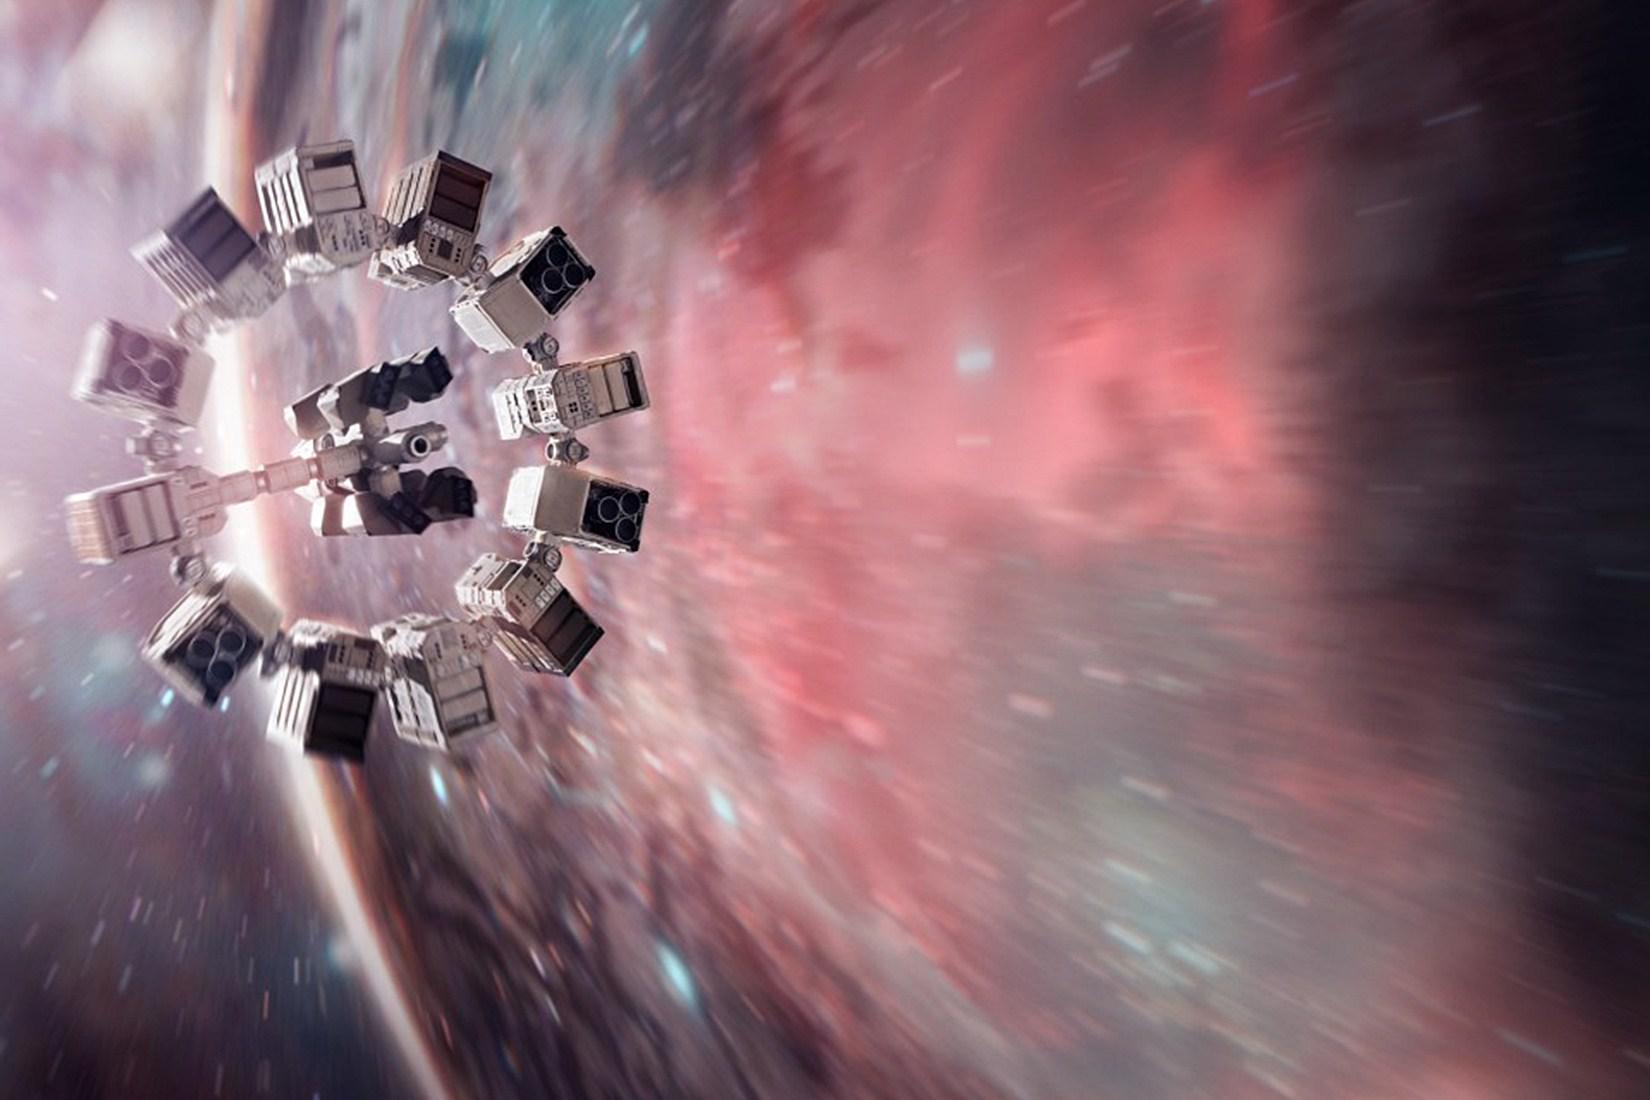 interstellar-latest-movie